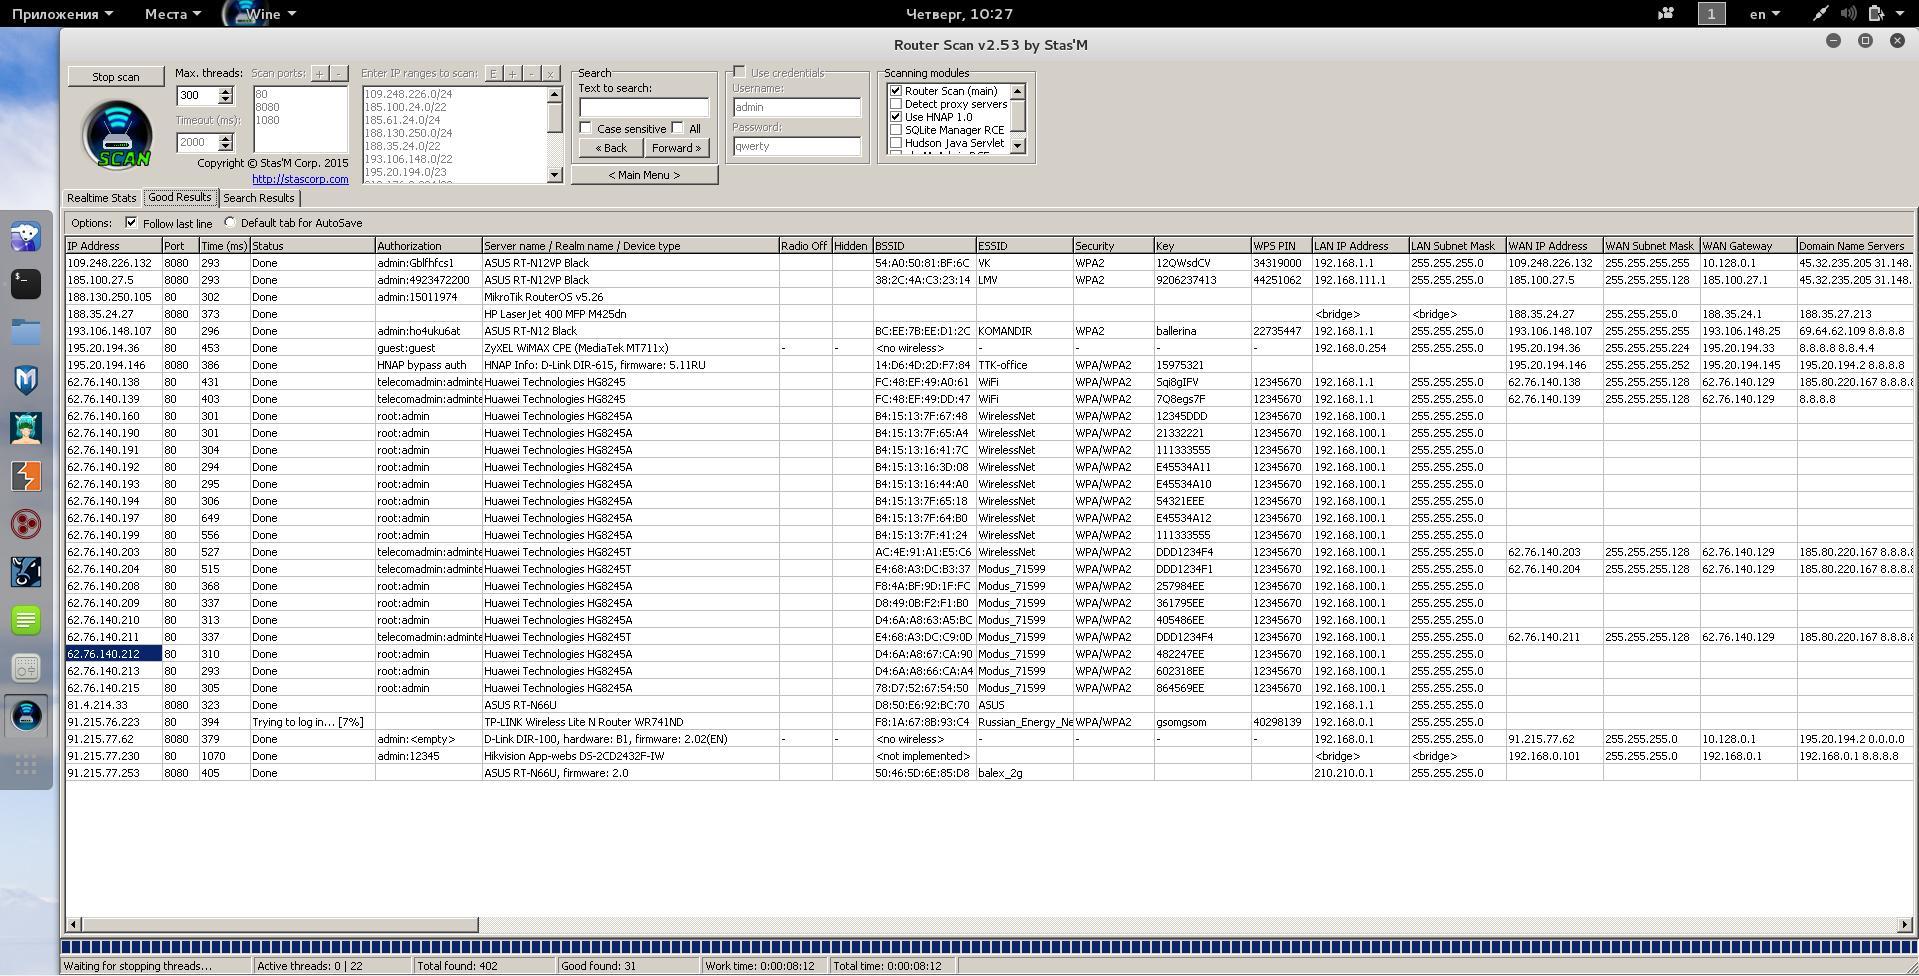 Скачать программу router scan о